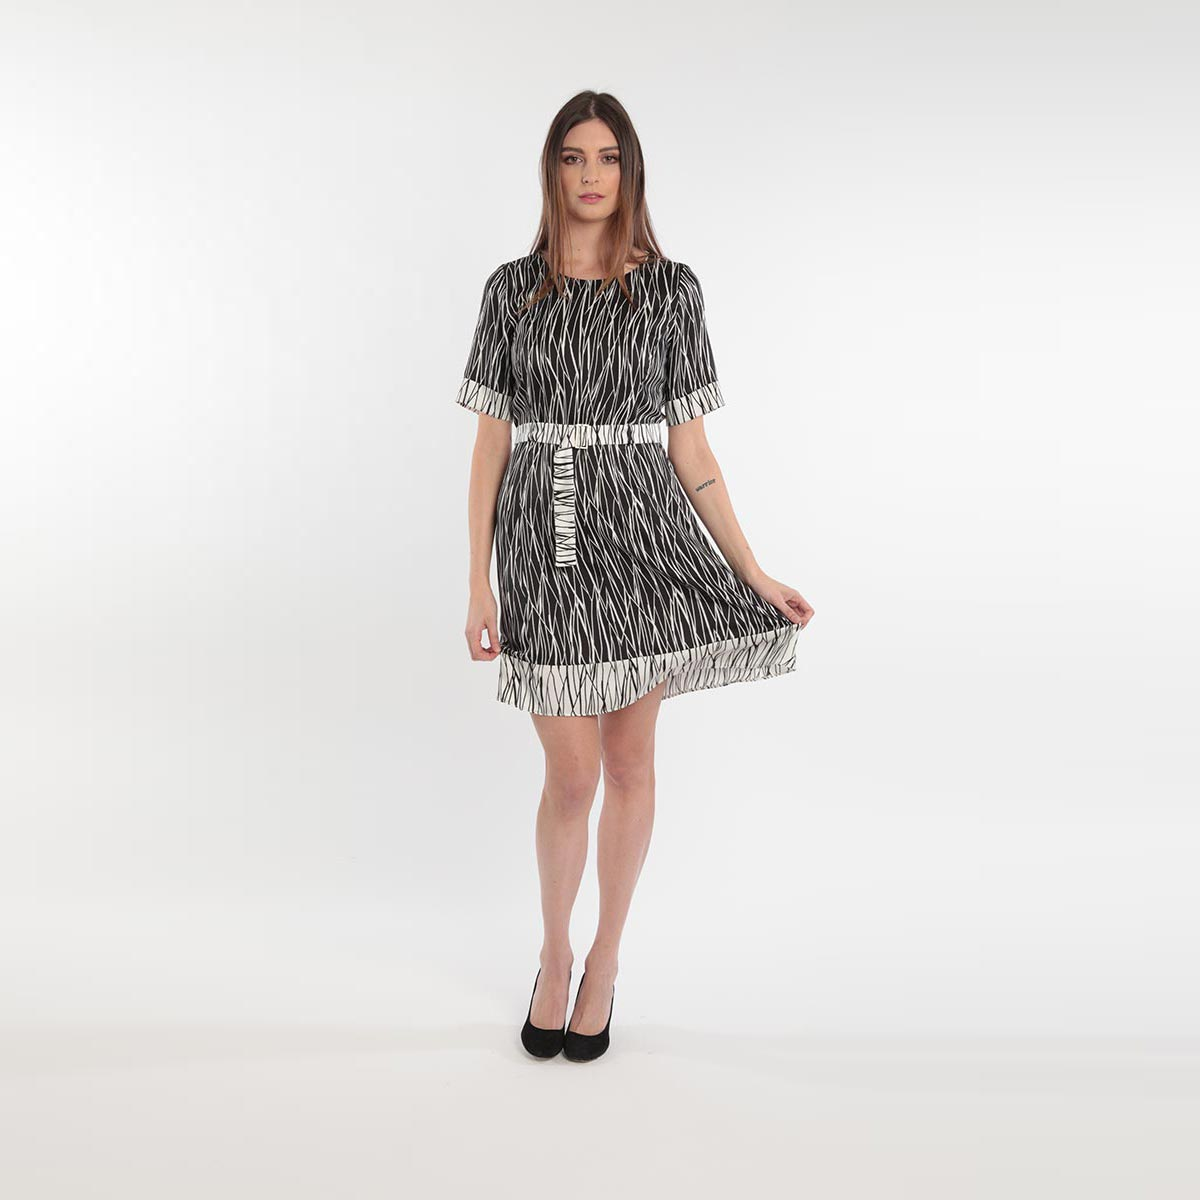 Abito per donne curvy primavera 2020 Meteore Fashion